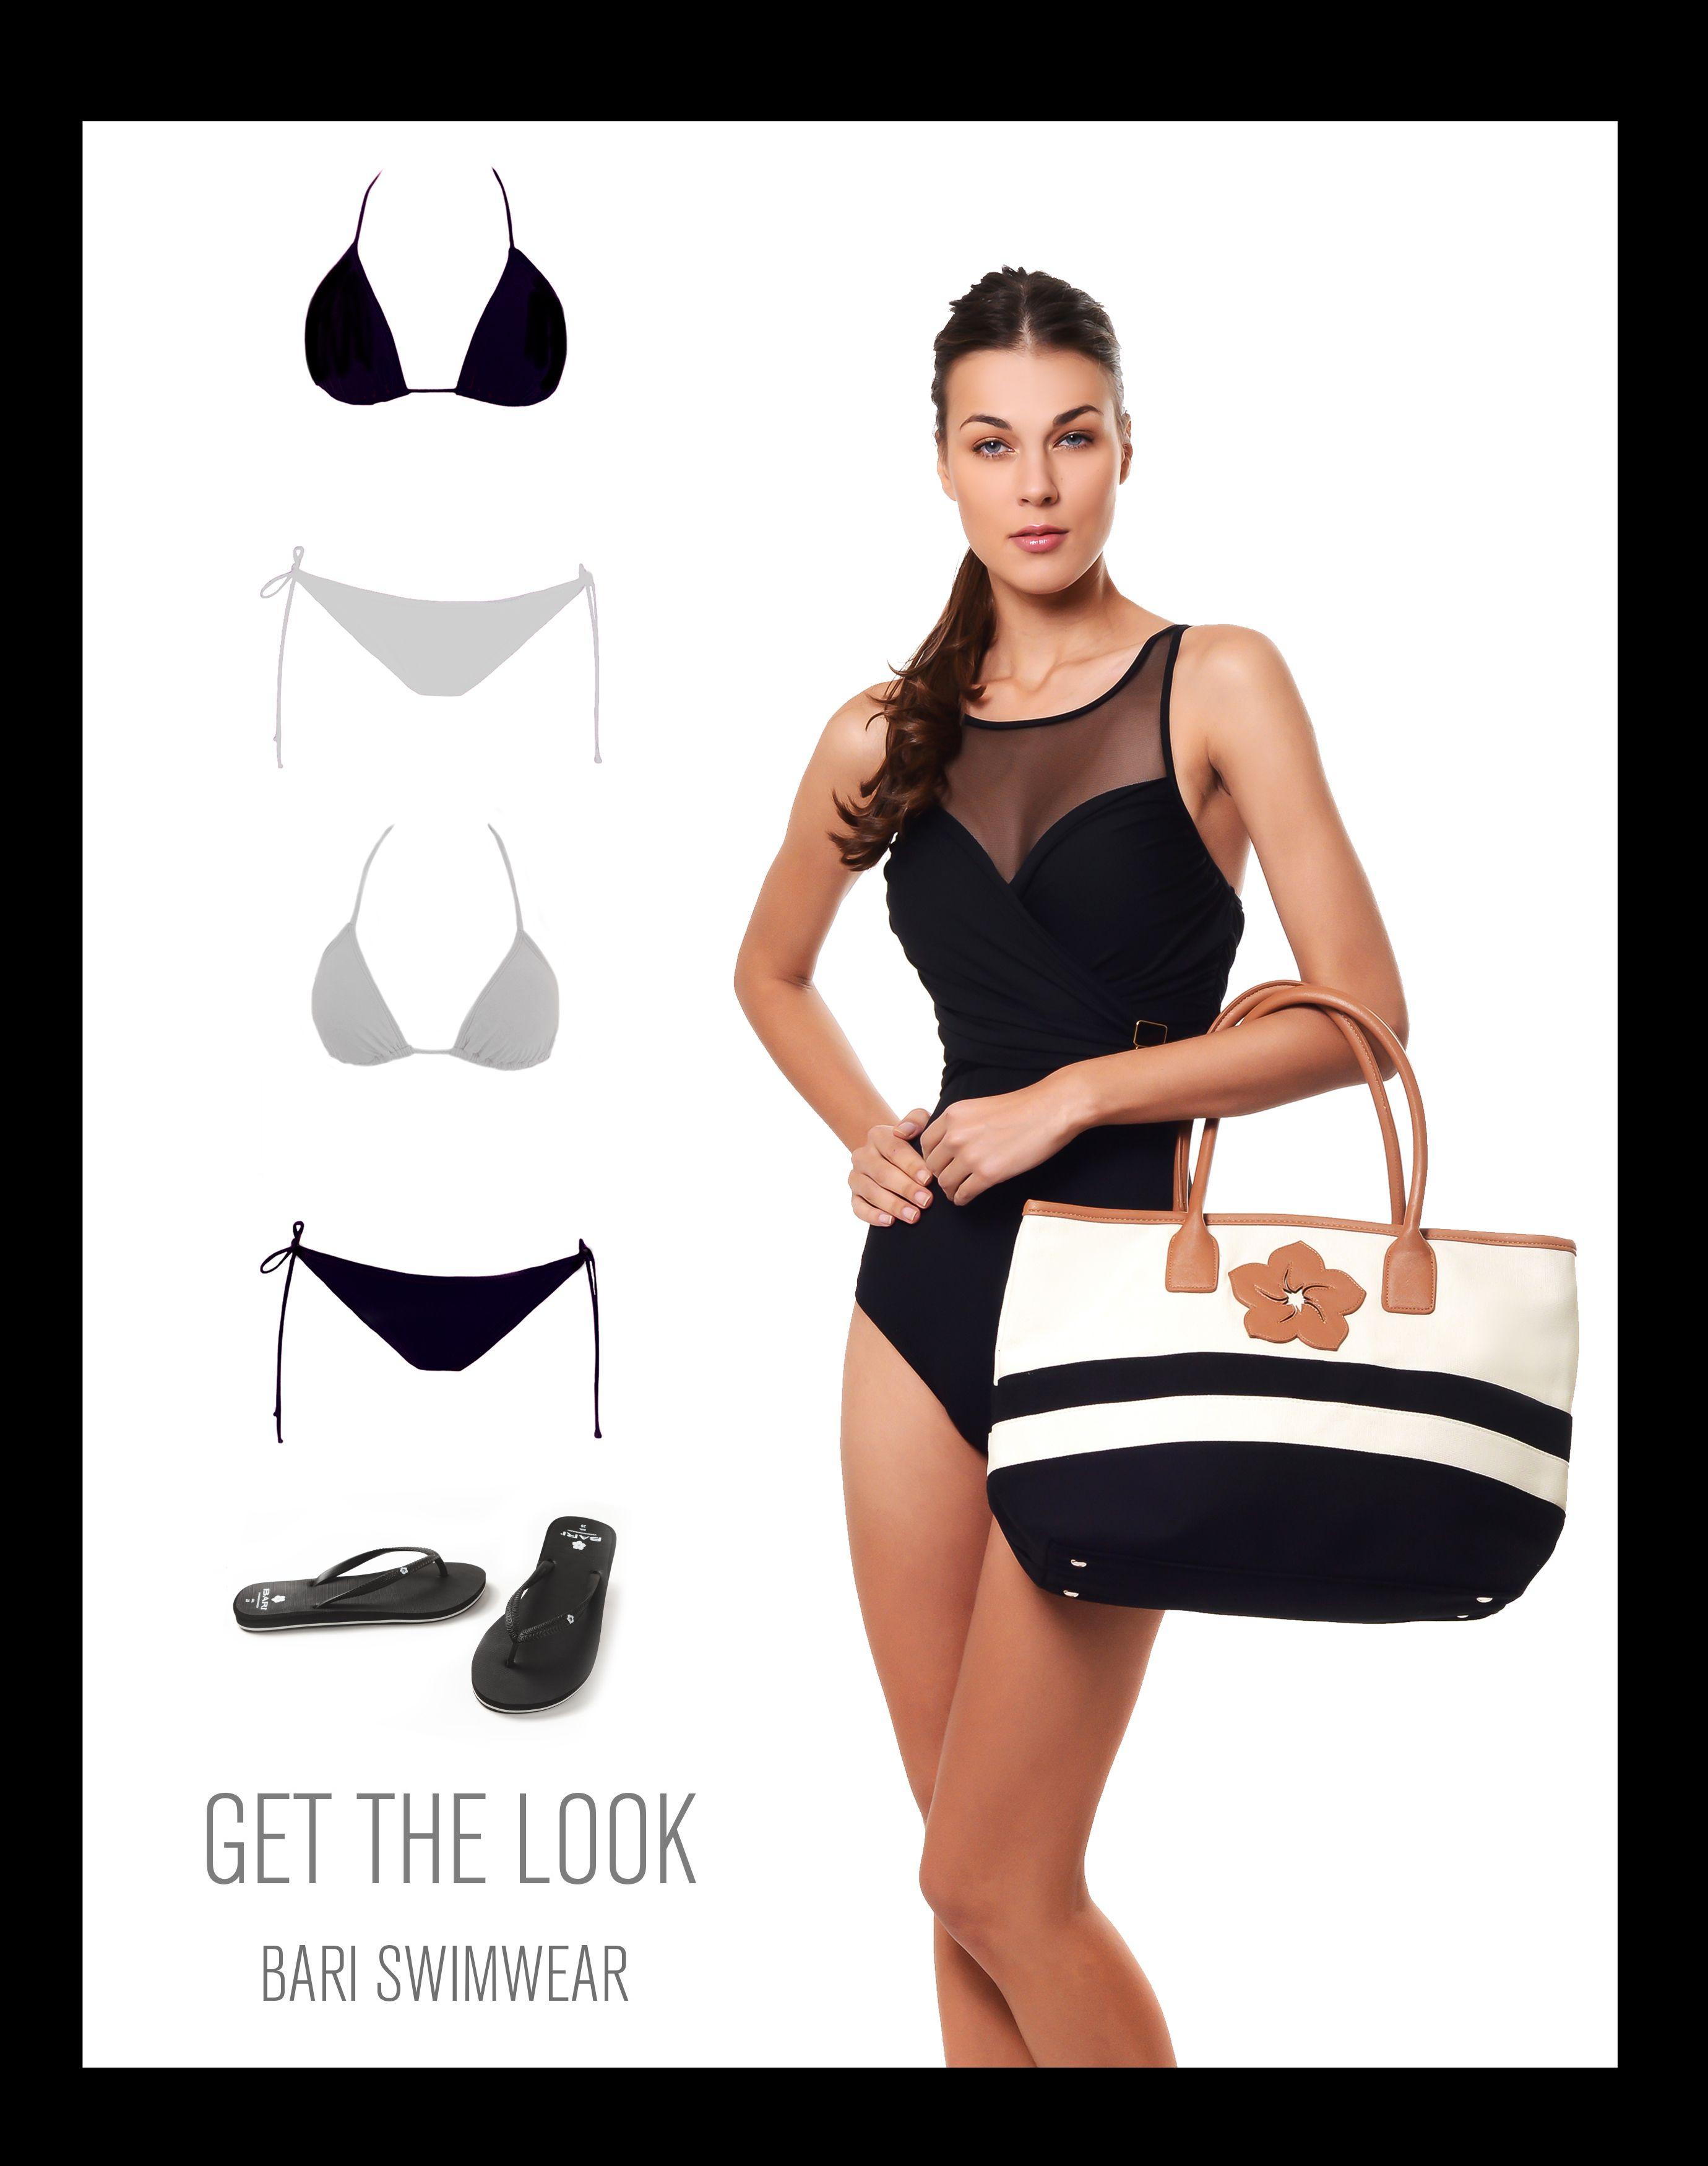 b9a60730b Complementa estos trajes de baño de Bari Swimwear con una sofisticada bolsa  para este invierno  look  swimwear